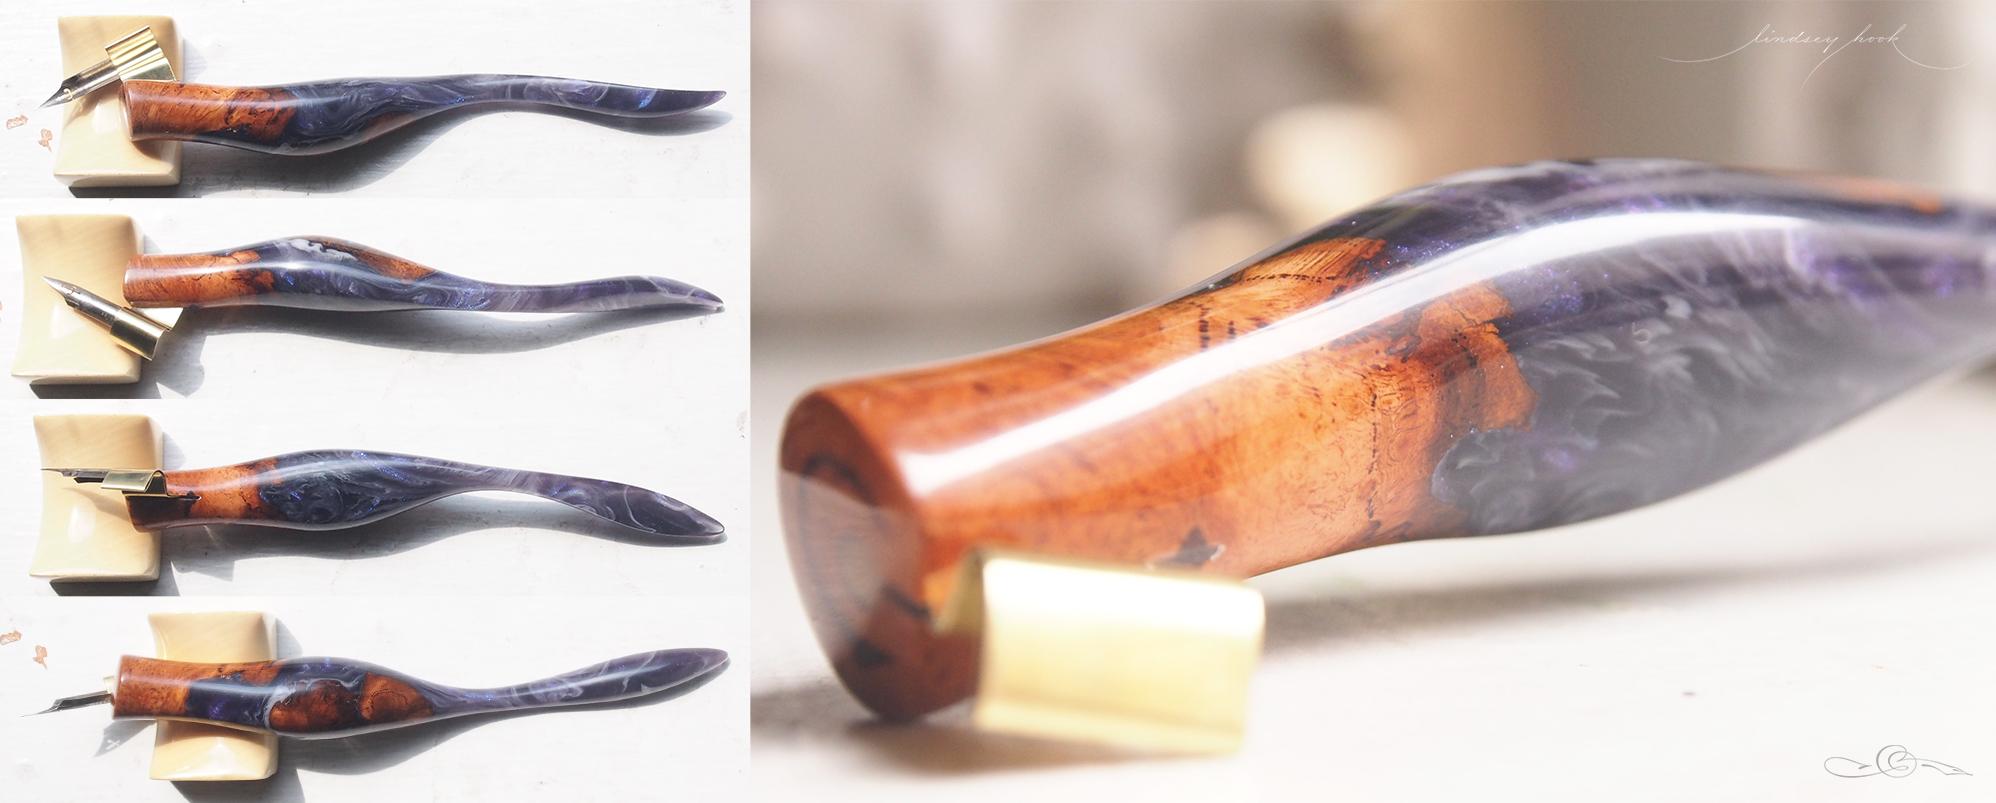 Burl and Purple Iridescent/White Swirl Hybrid